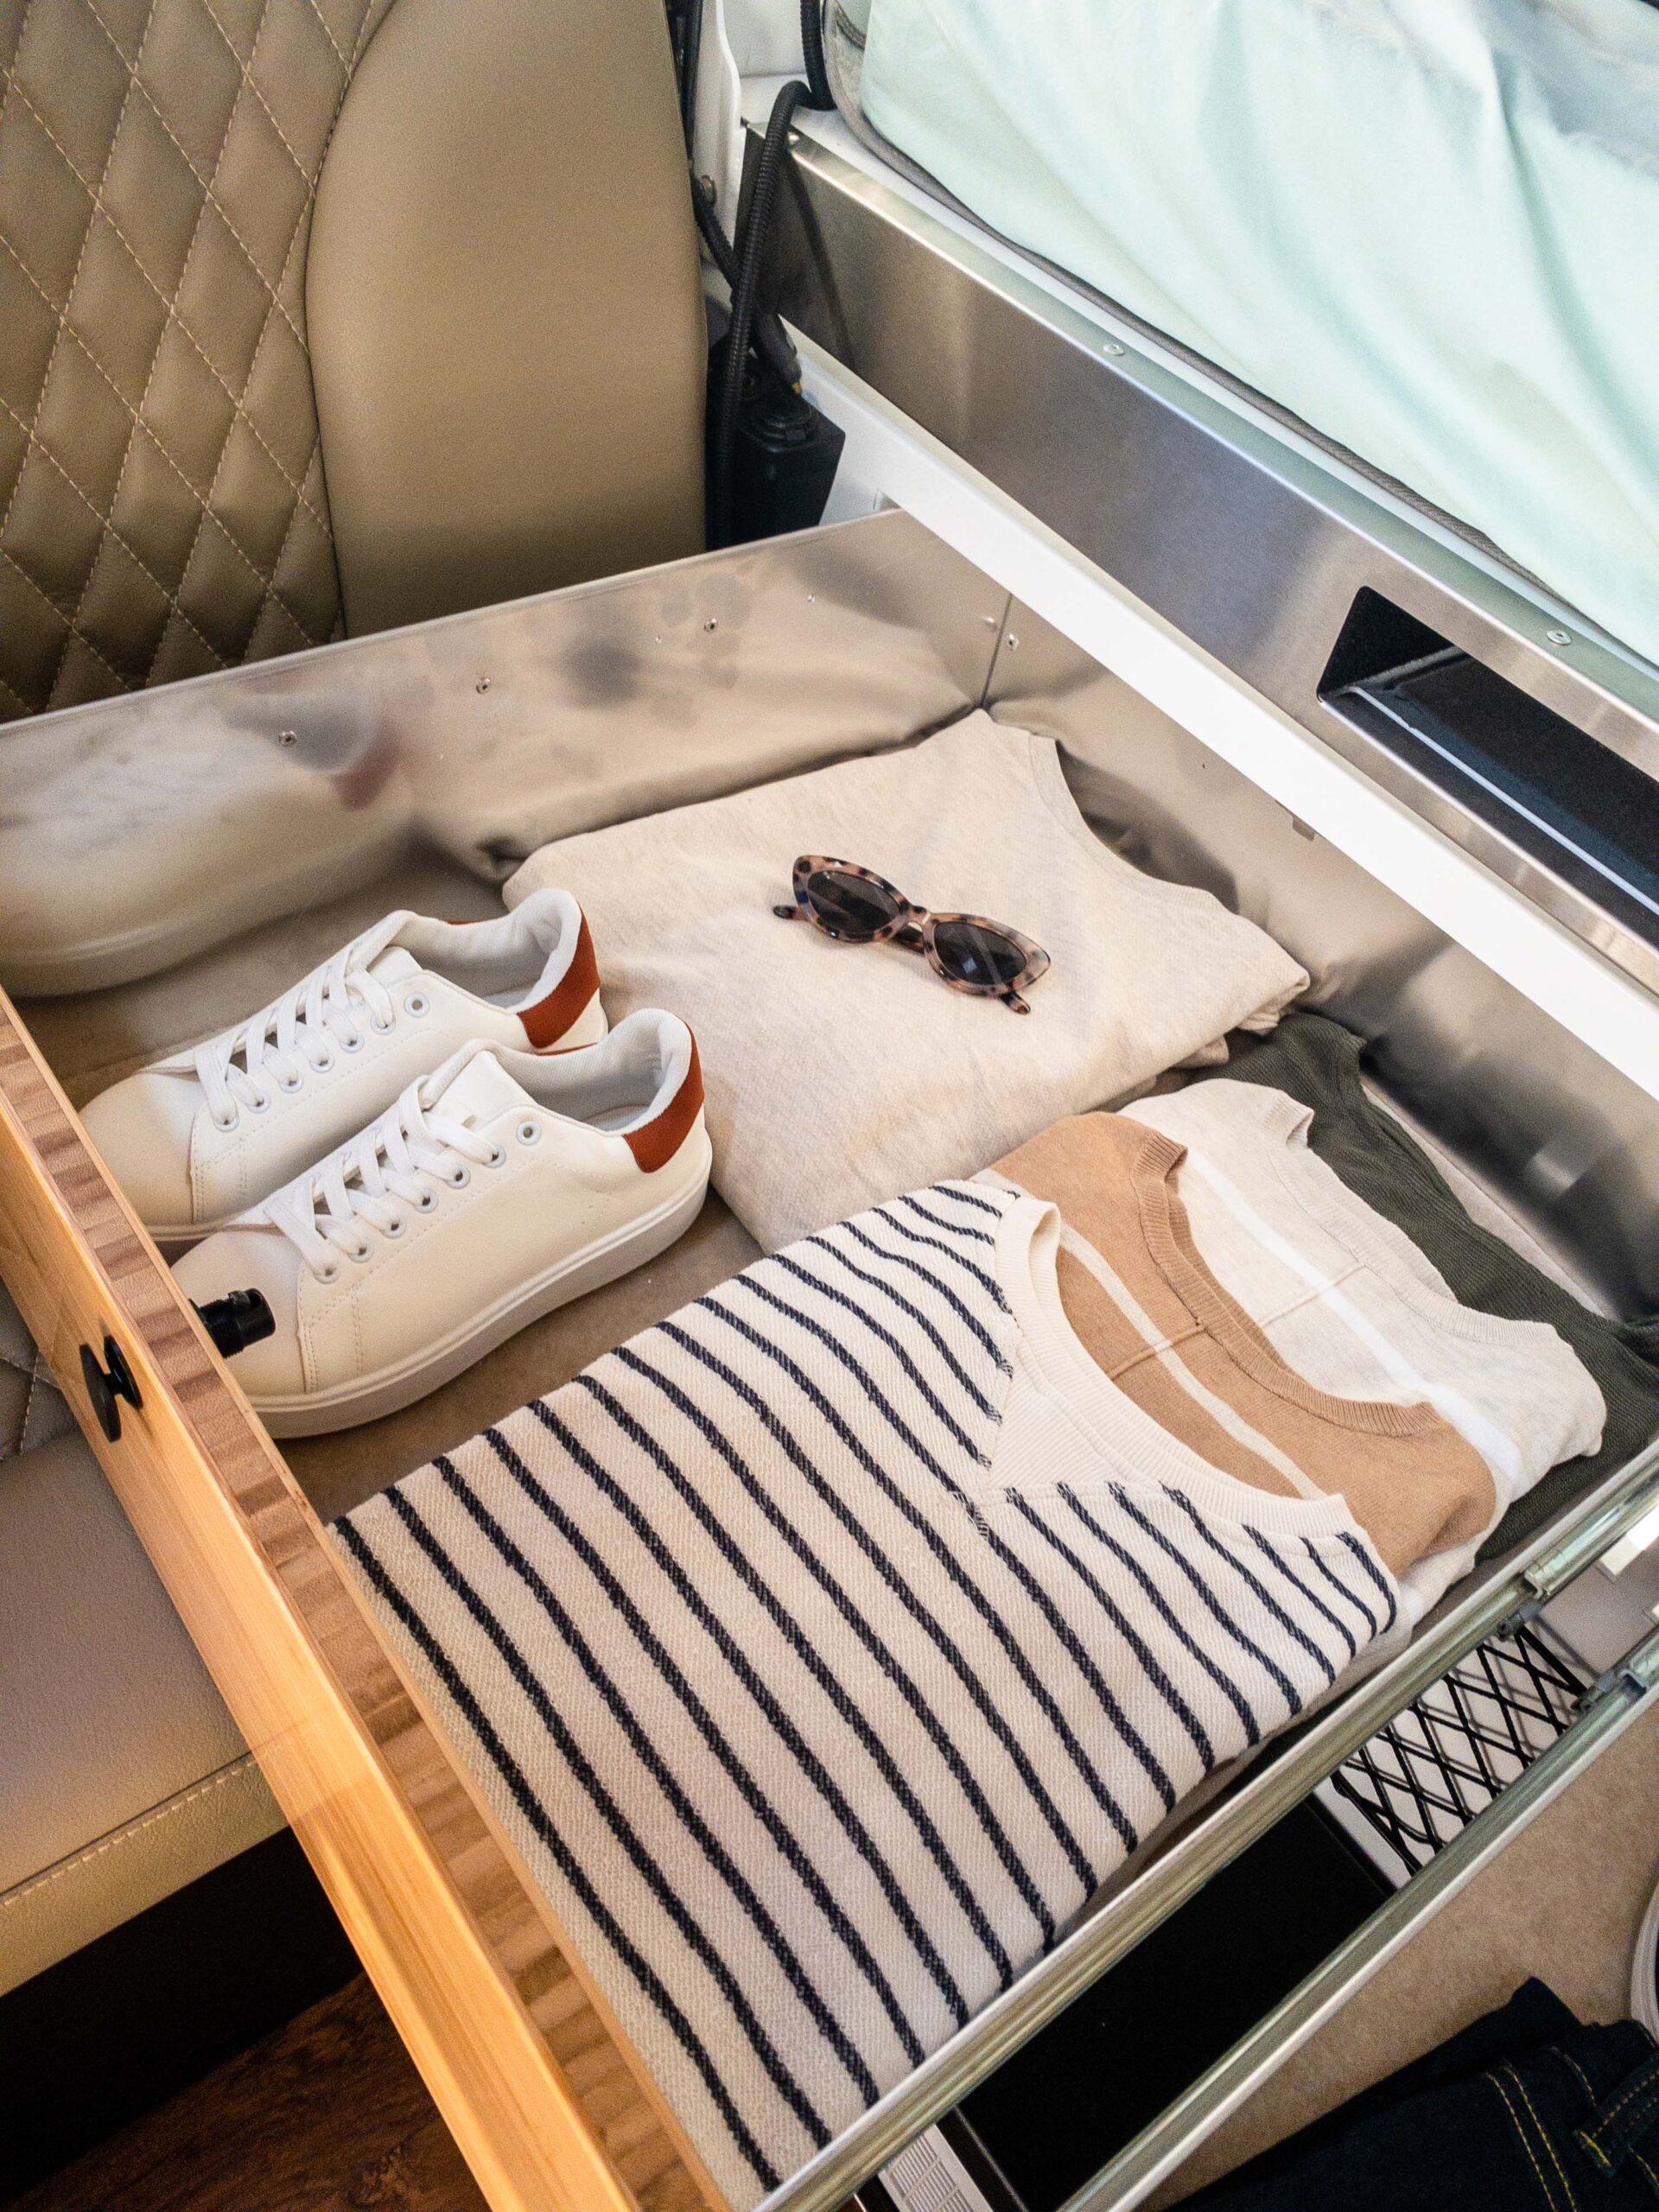 Kimberley Karavan under bed storage drawers-1